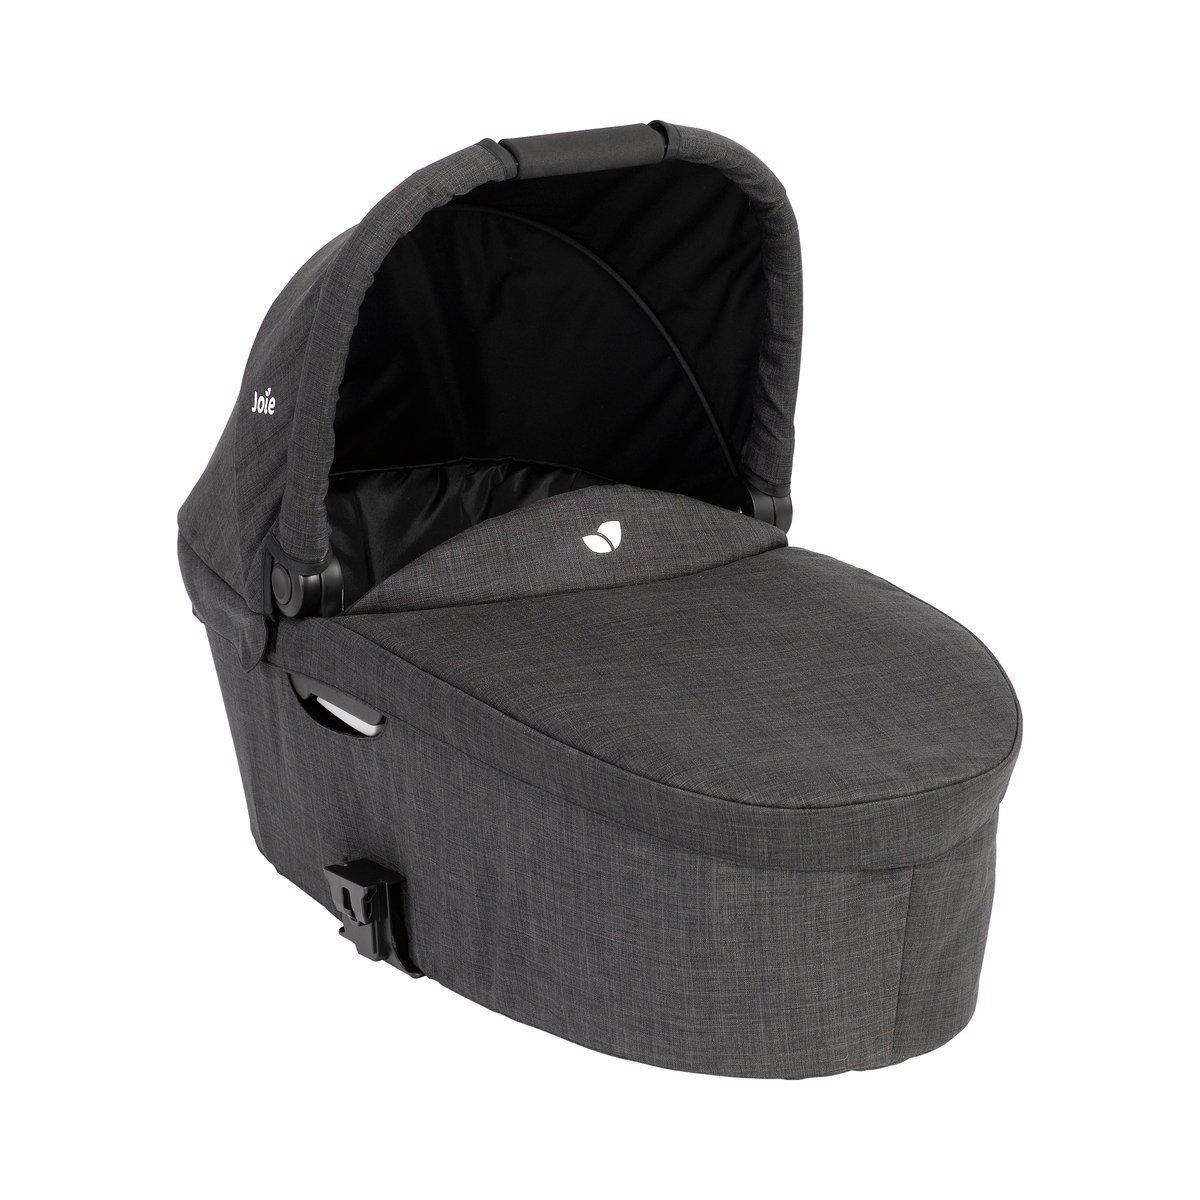 Kinderwagen Test, Empfehlung, Joie Chrome DLX Babywanne